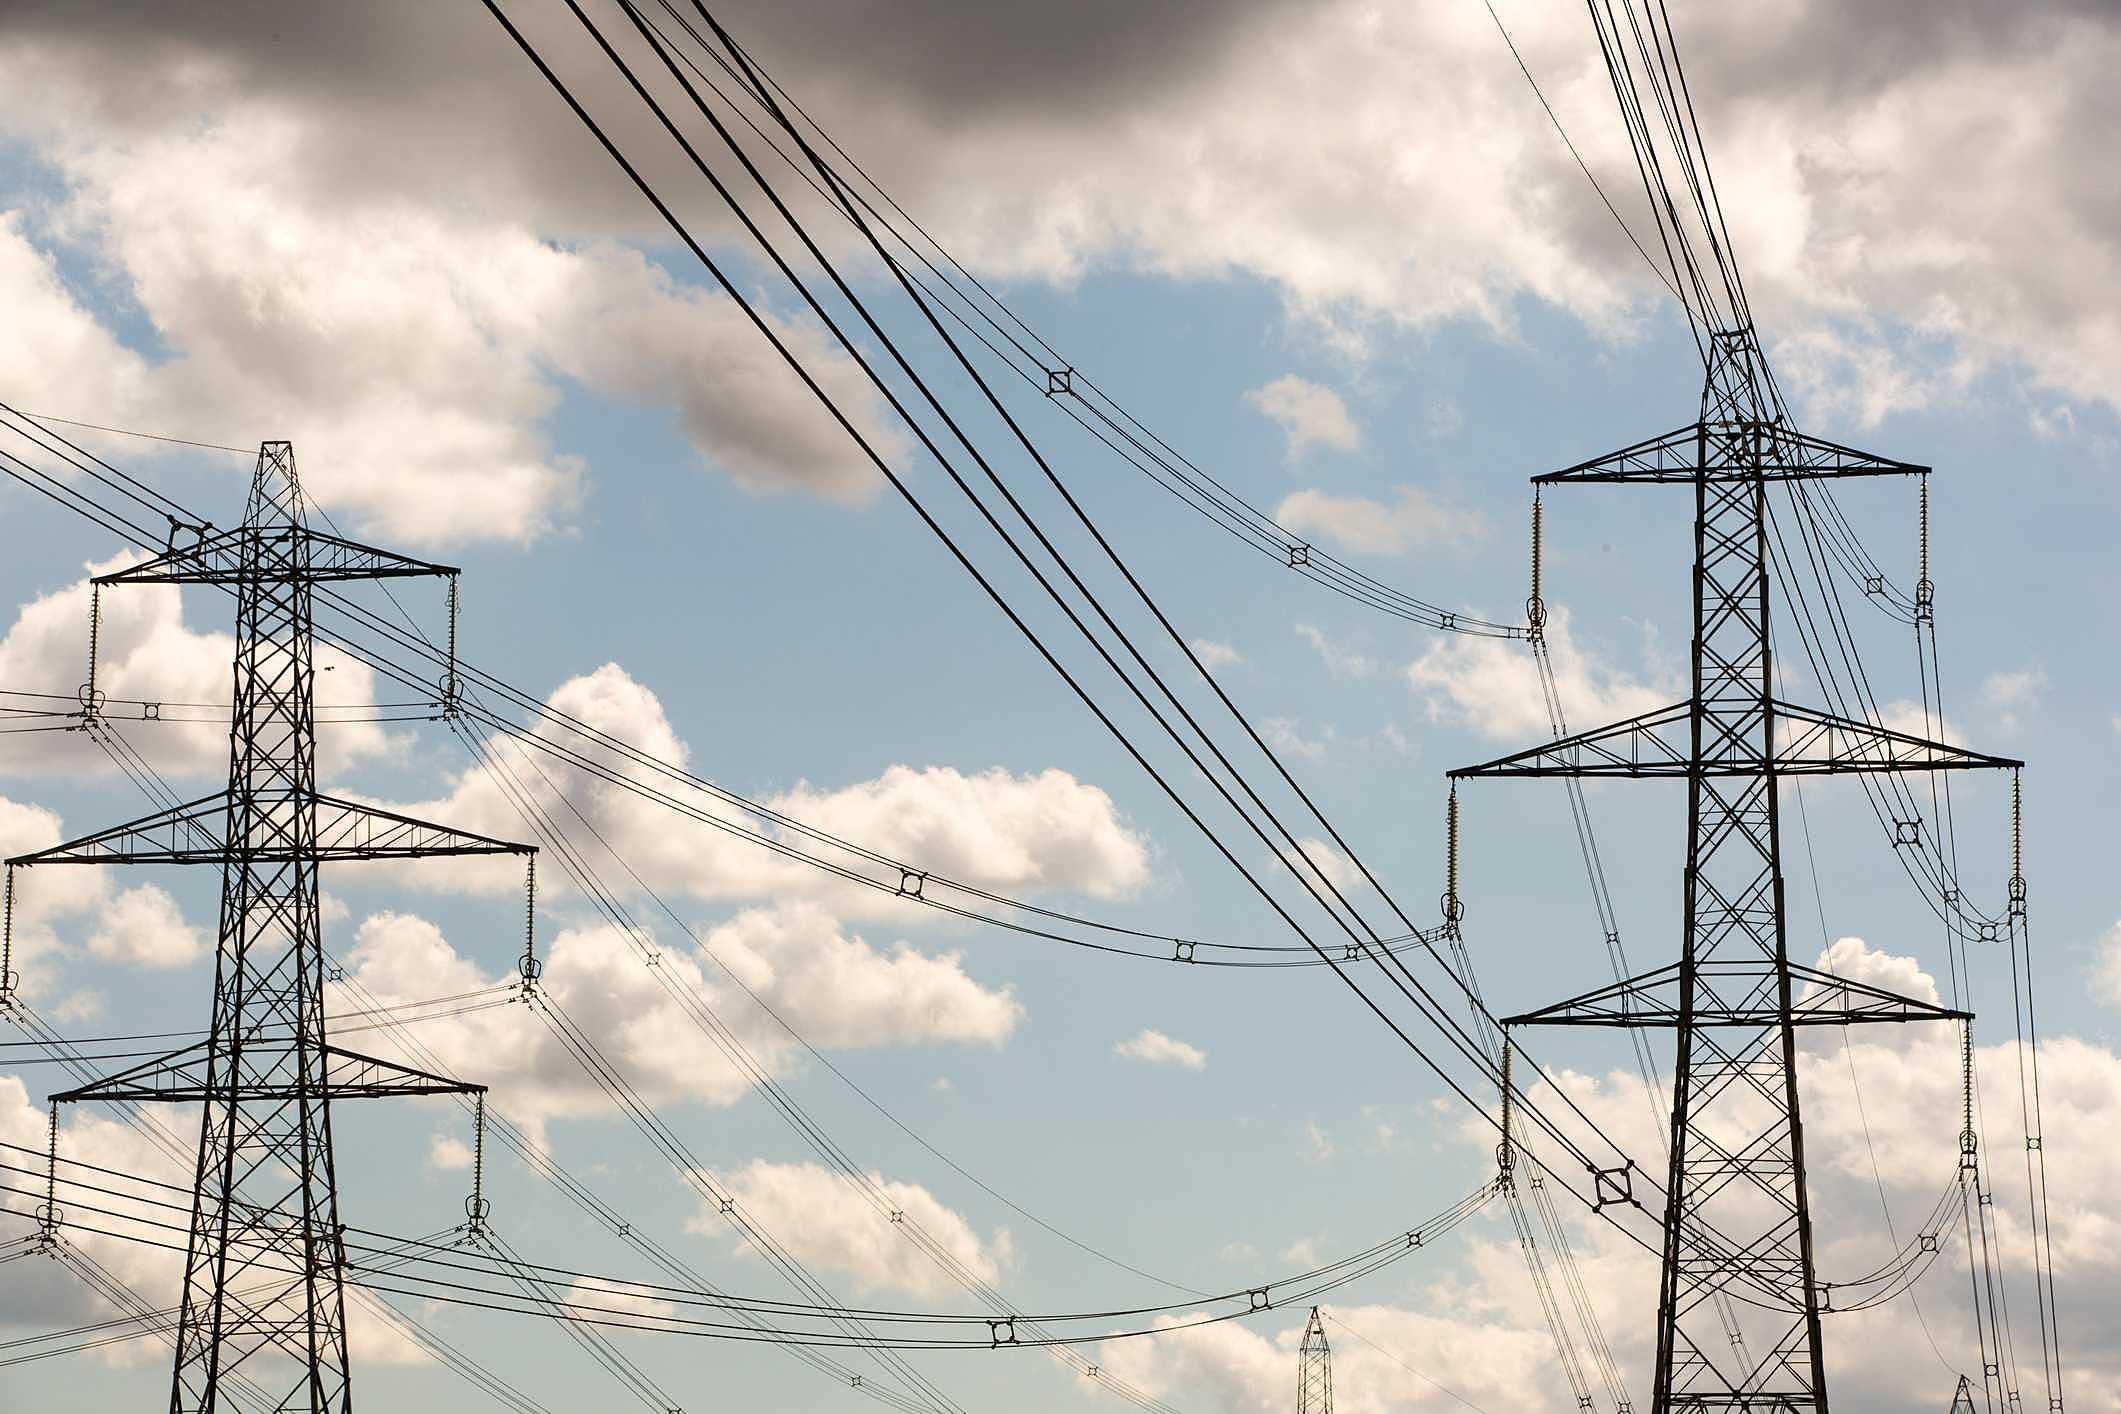 Conheça agora mesmo o novo marco da energia elétrica no Brasil